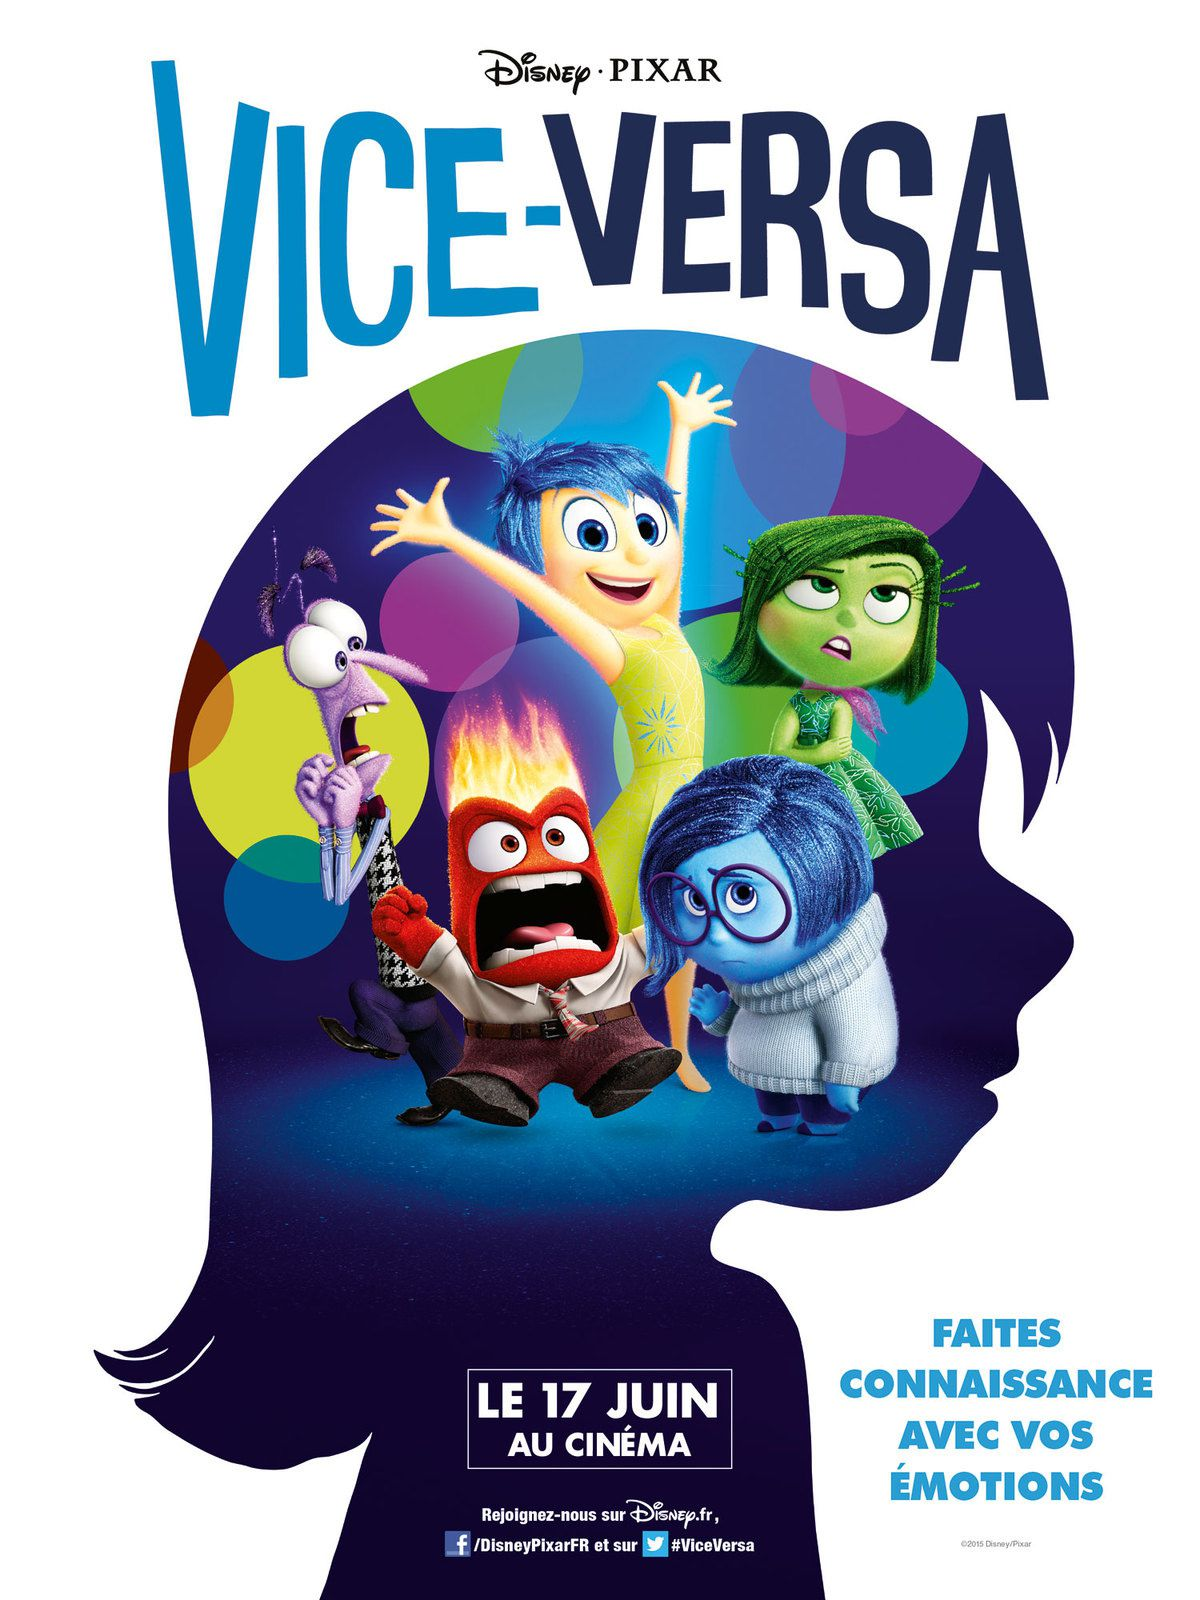 Vice Versa - Faites connaissance avec vos émotions.